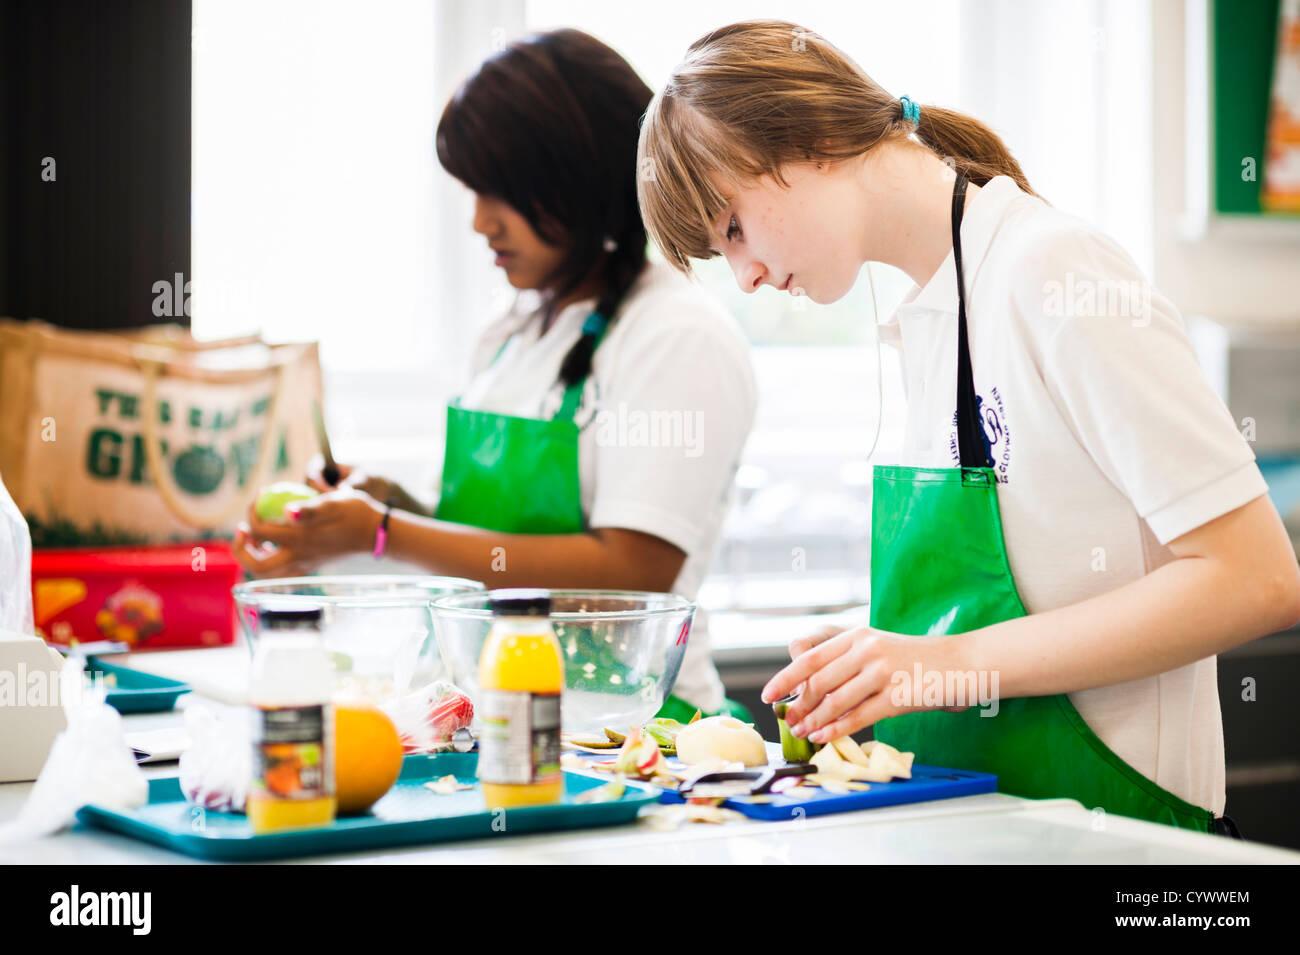 Zwei Mädchen, die Vorbereitung von Gemüse in einem Lebensmittel Technologie Kochkurs an einer weiterführenden Stockbild